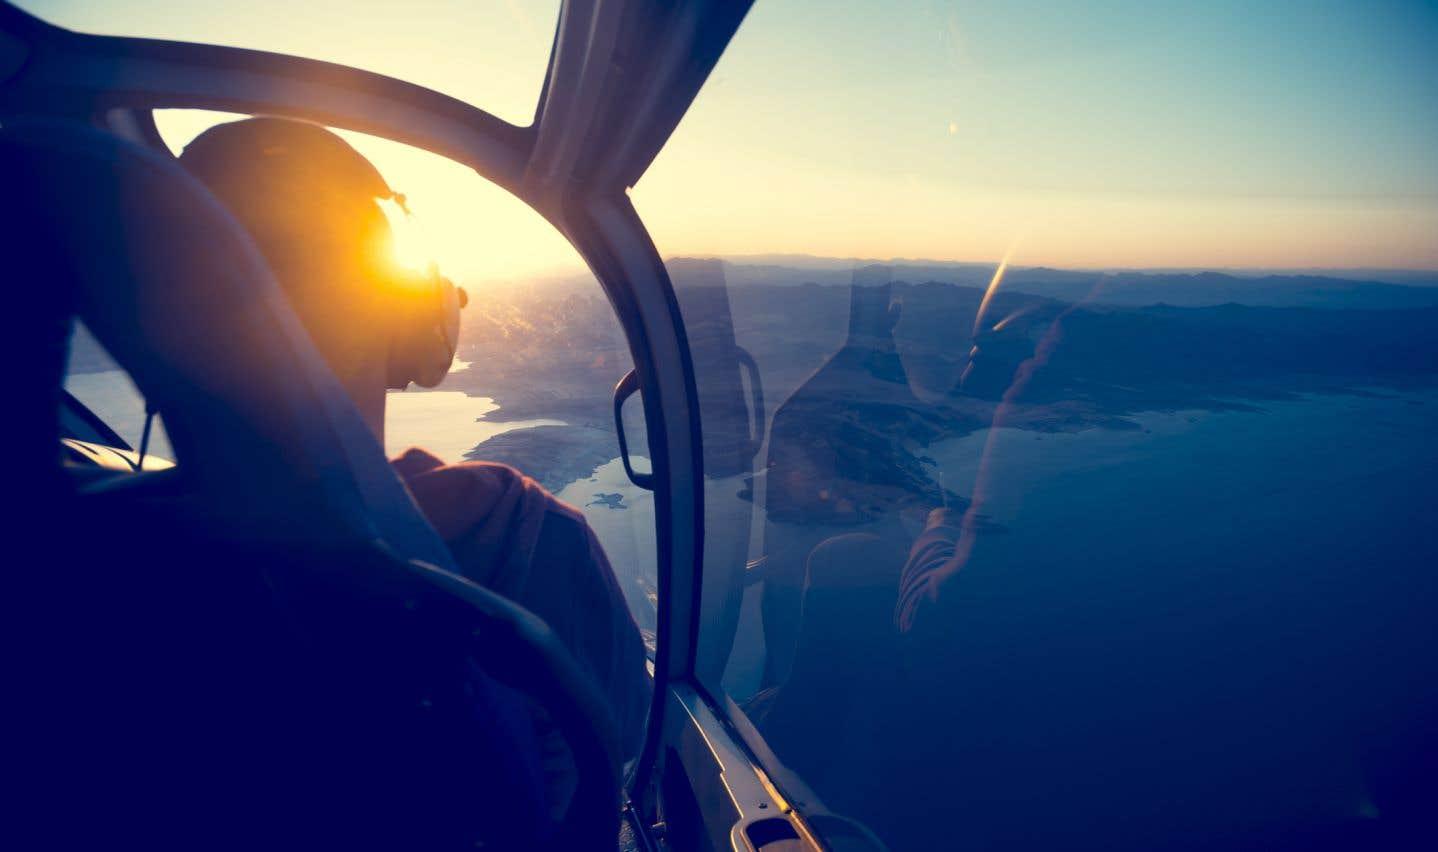 Groupe HNZ fournit des services de transport par hélicoptère et des équipages dans les secteurs des ressources naturelles ainsi que du soutien militaire, notamment.